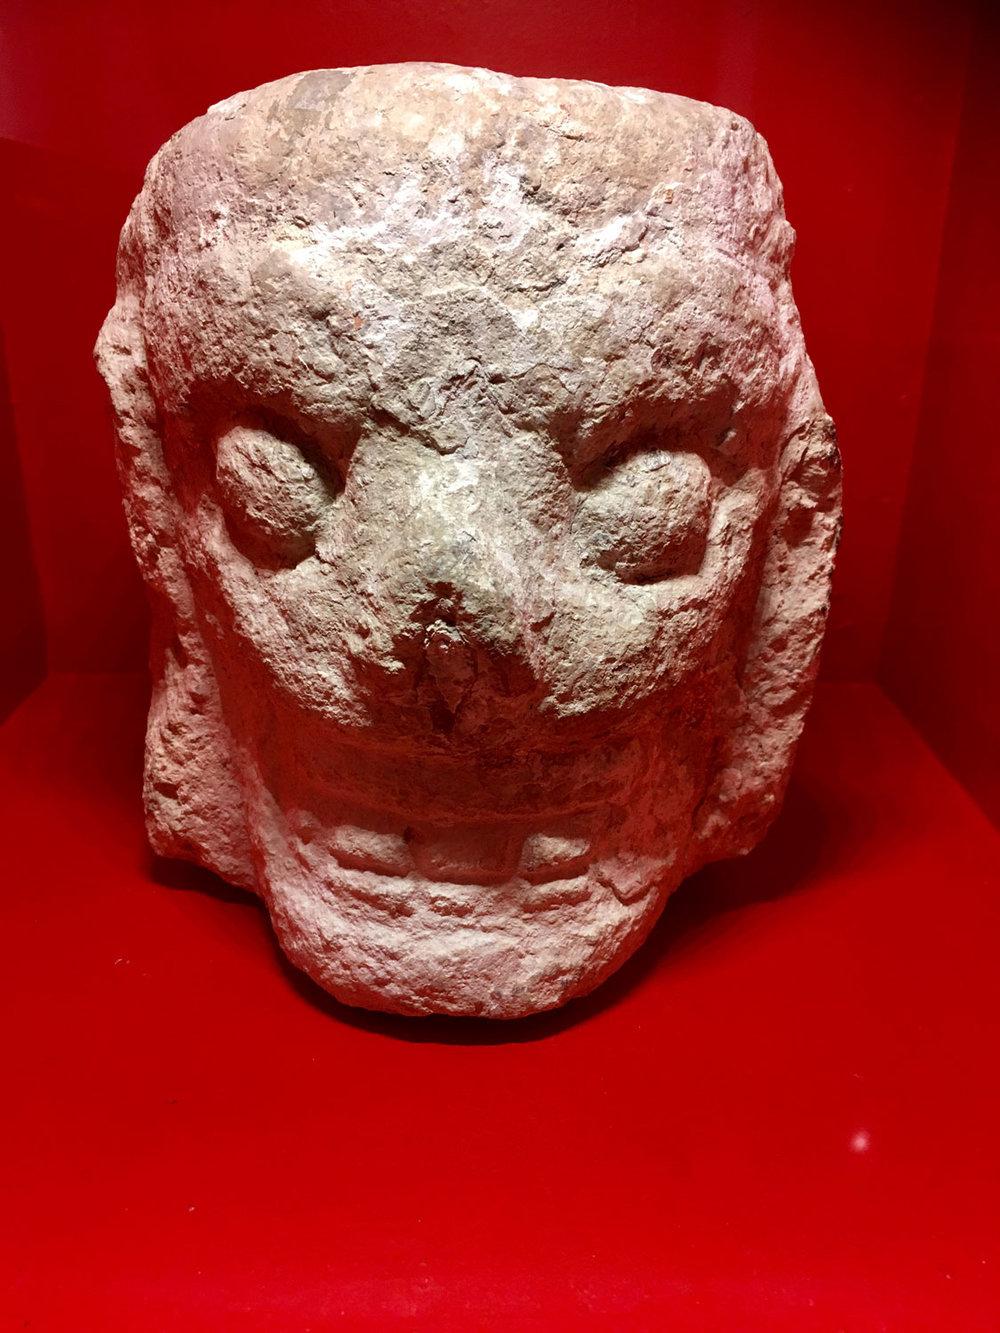 Hammocks_and_Ruins_Blog_Riviera_Maya_Mexico_Travel_Discover_Yucatan_What_to_do_Merida_Musuems_Anthrapology_13.jpg